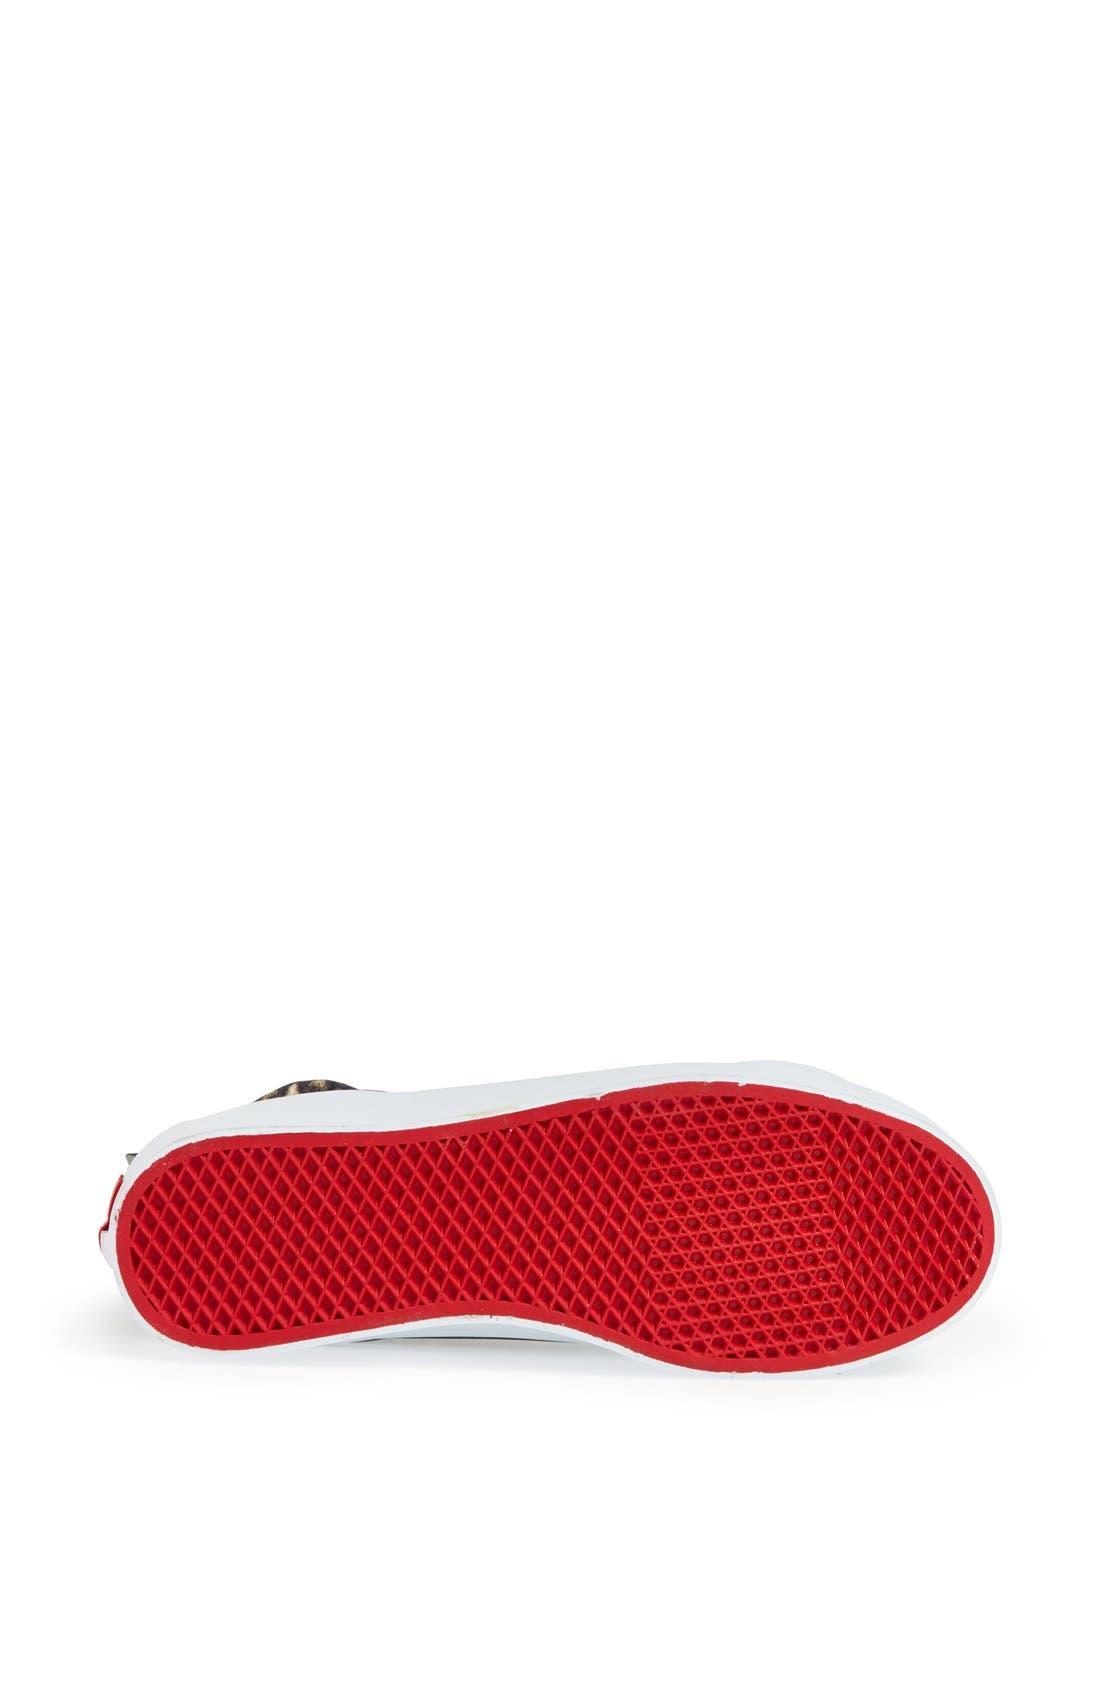 Alternate Image 4  - Vans 'Sk8 Hi' Studded Platform Sneaker